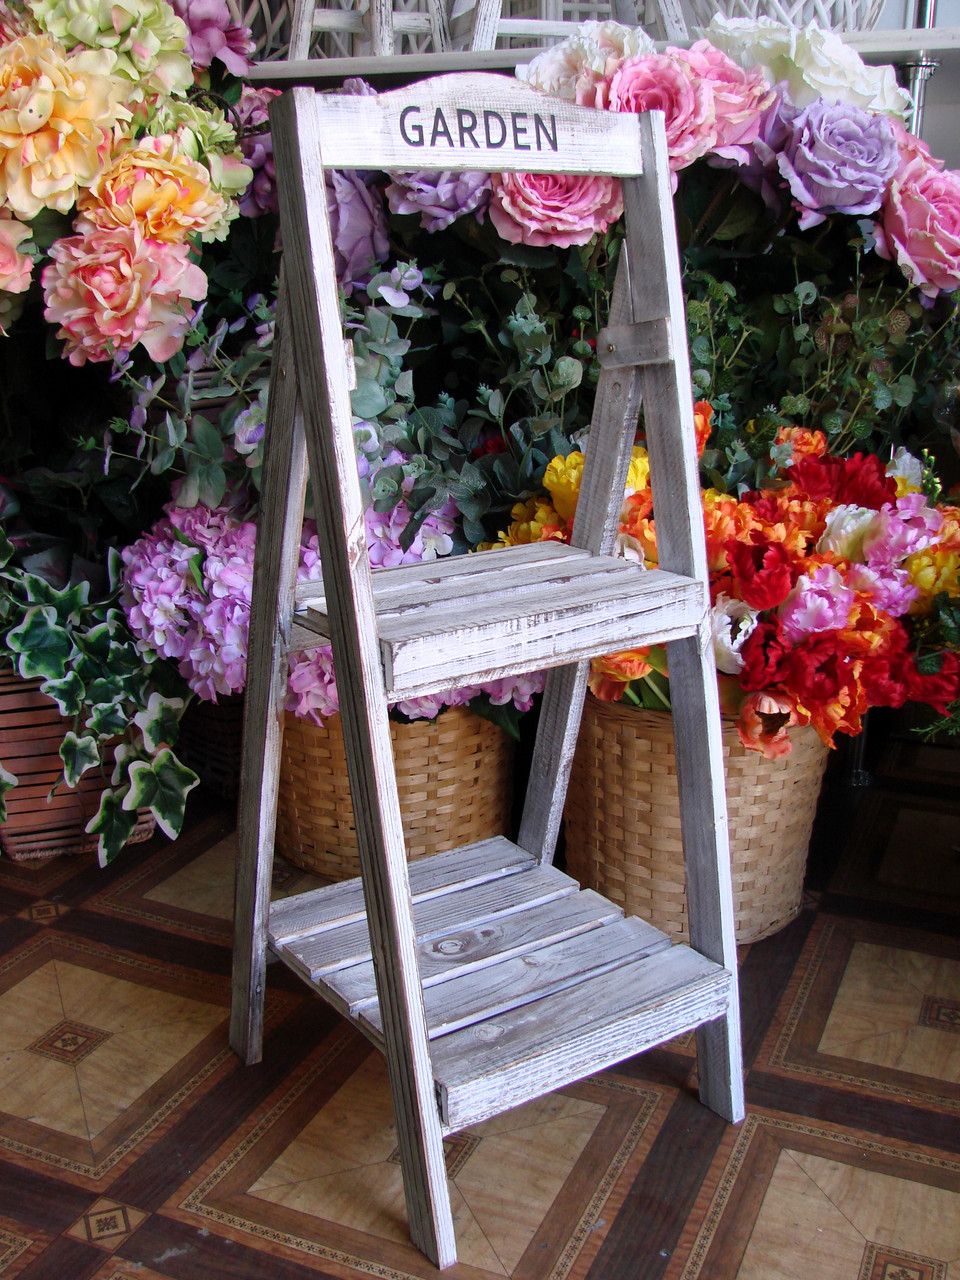 Декор для дома лесенка деревянная для цветов Garden из 2-х ступенек (складная) - April House производство и продажа товаров для дома в Одессе